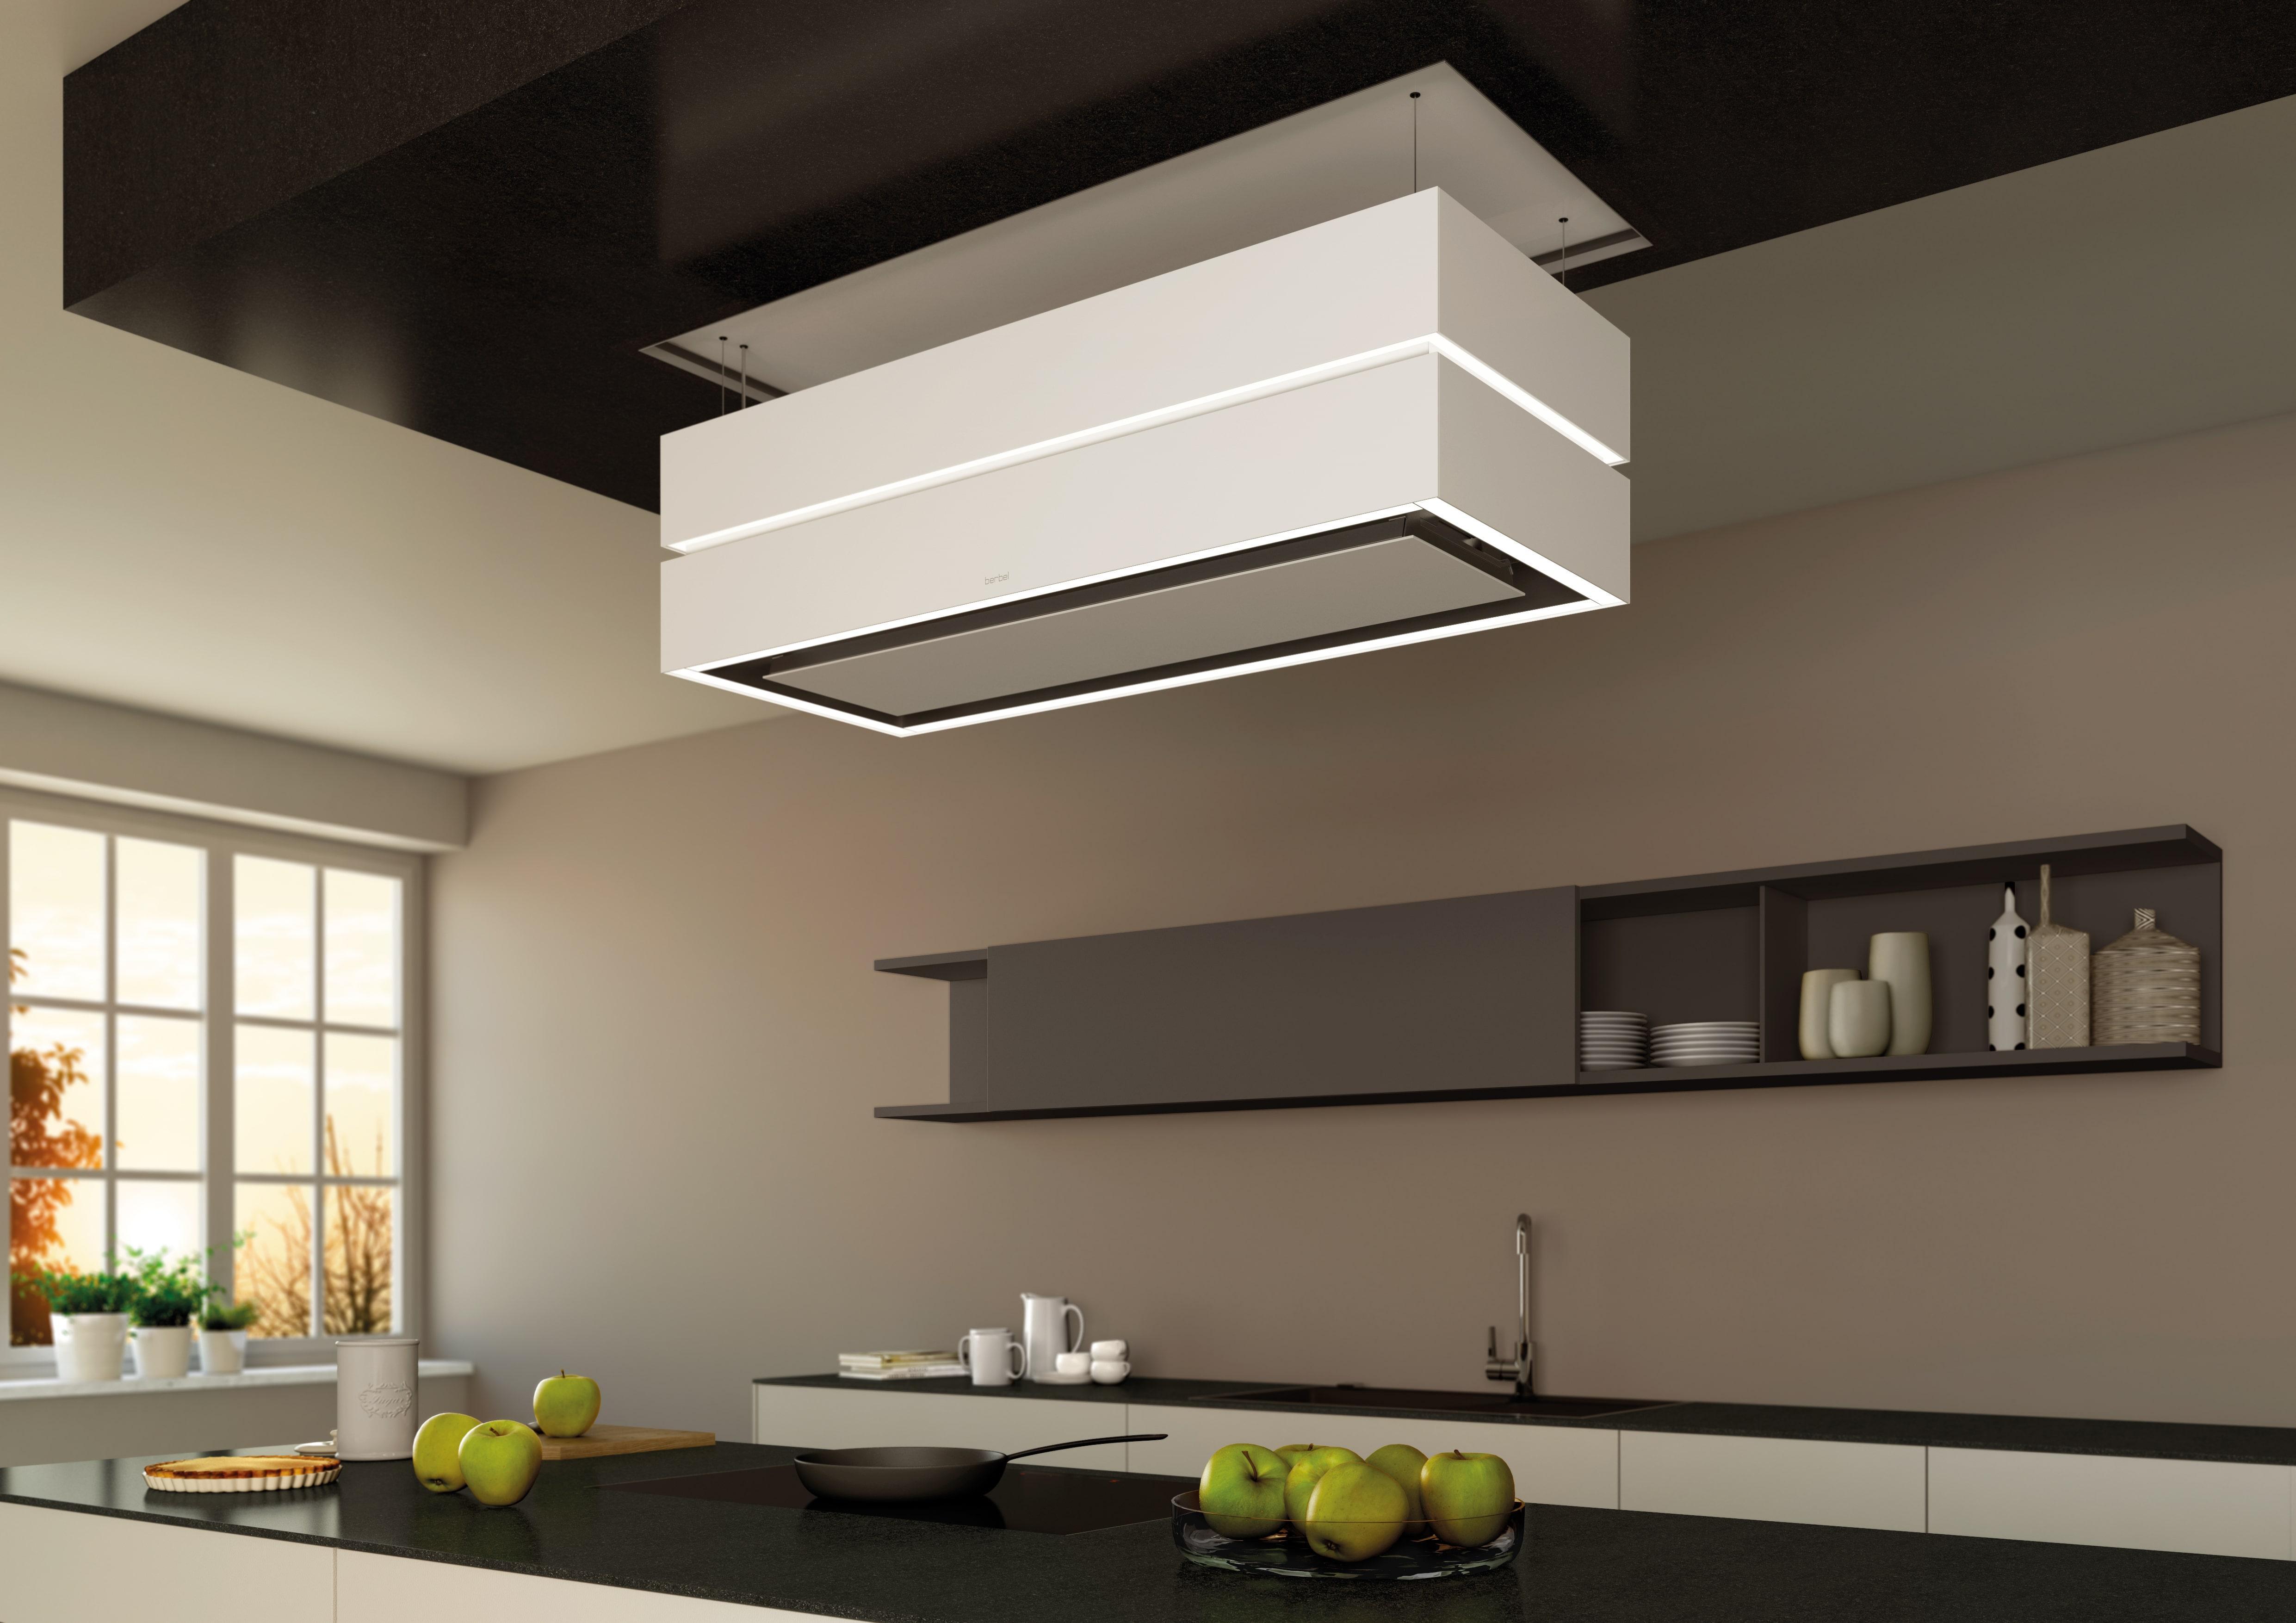 Küche ohne dunstabzugshaube wesco unterputz wandhaube deckel